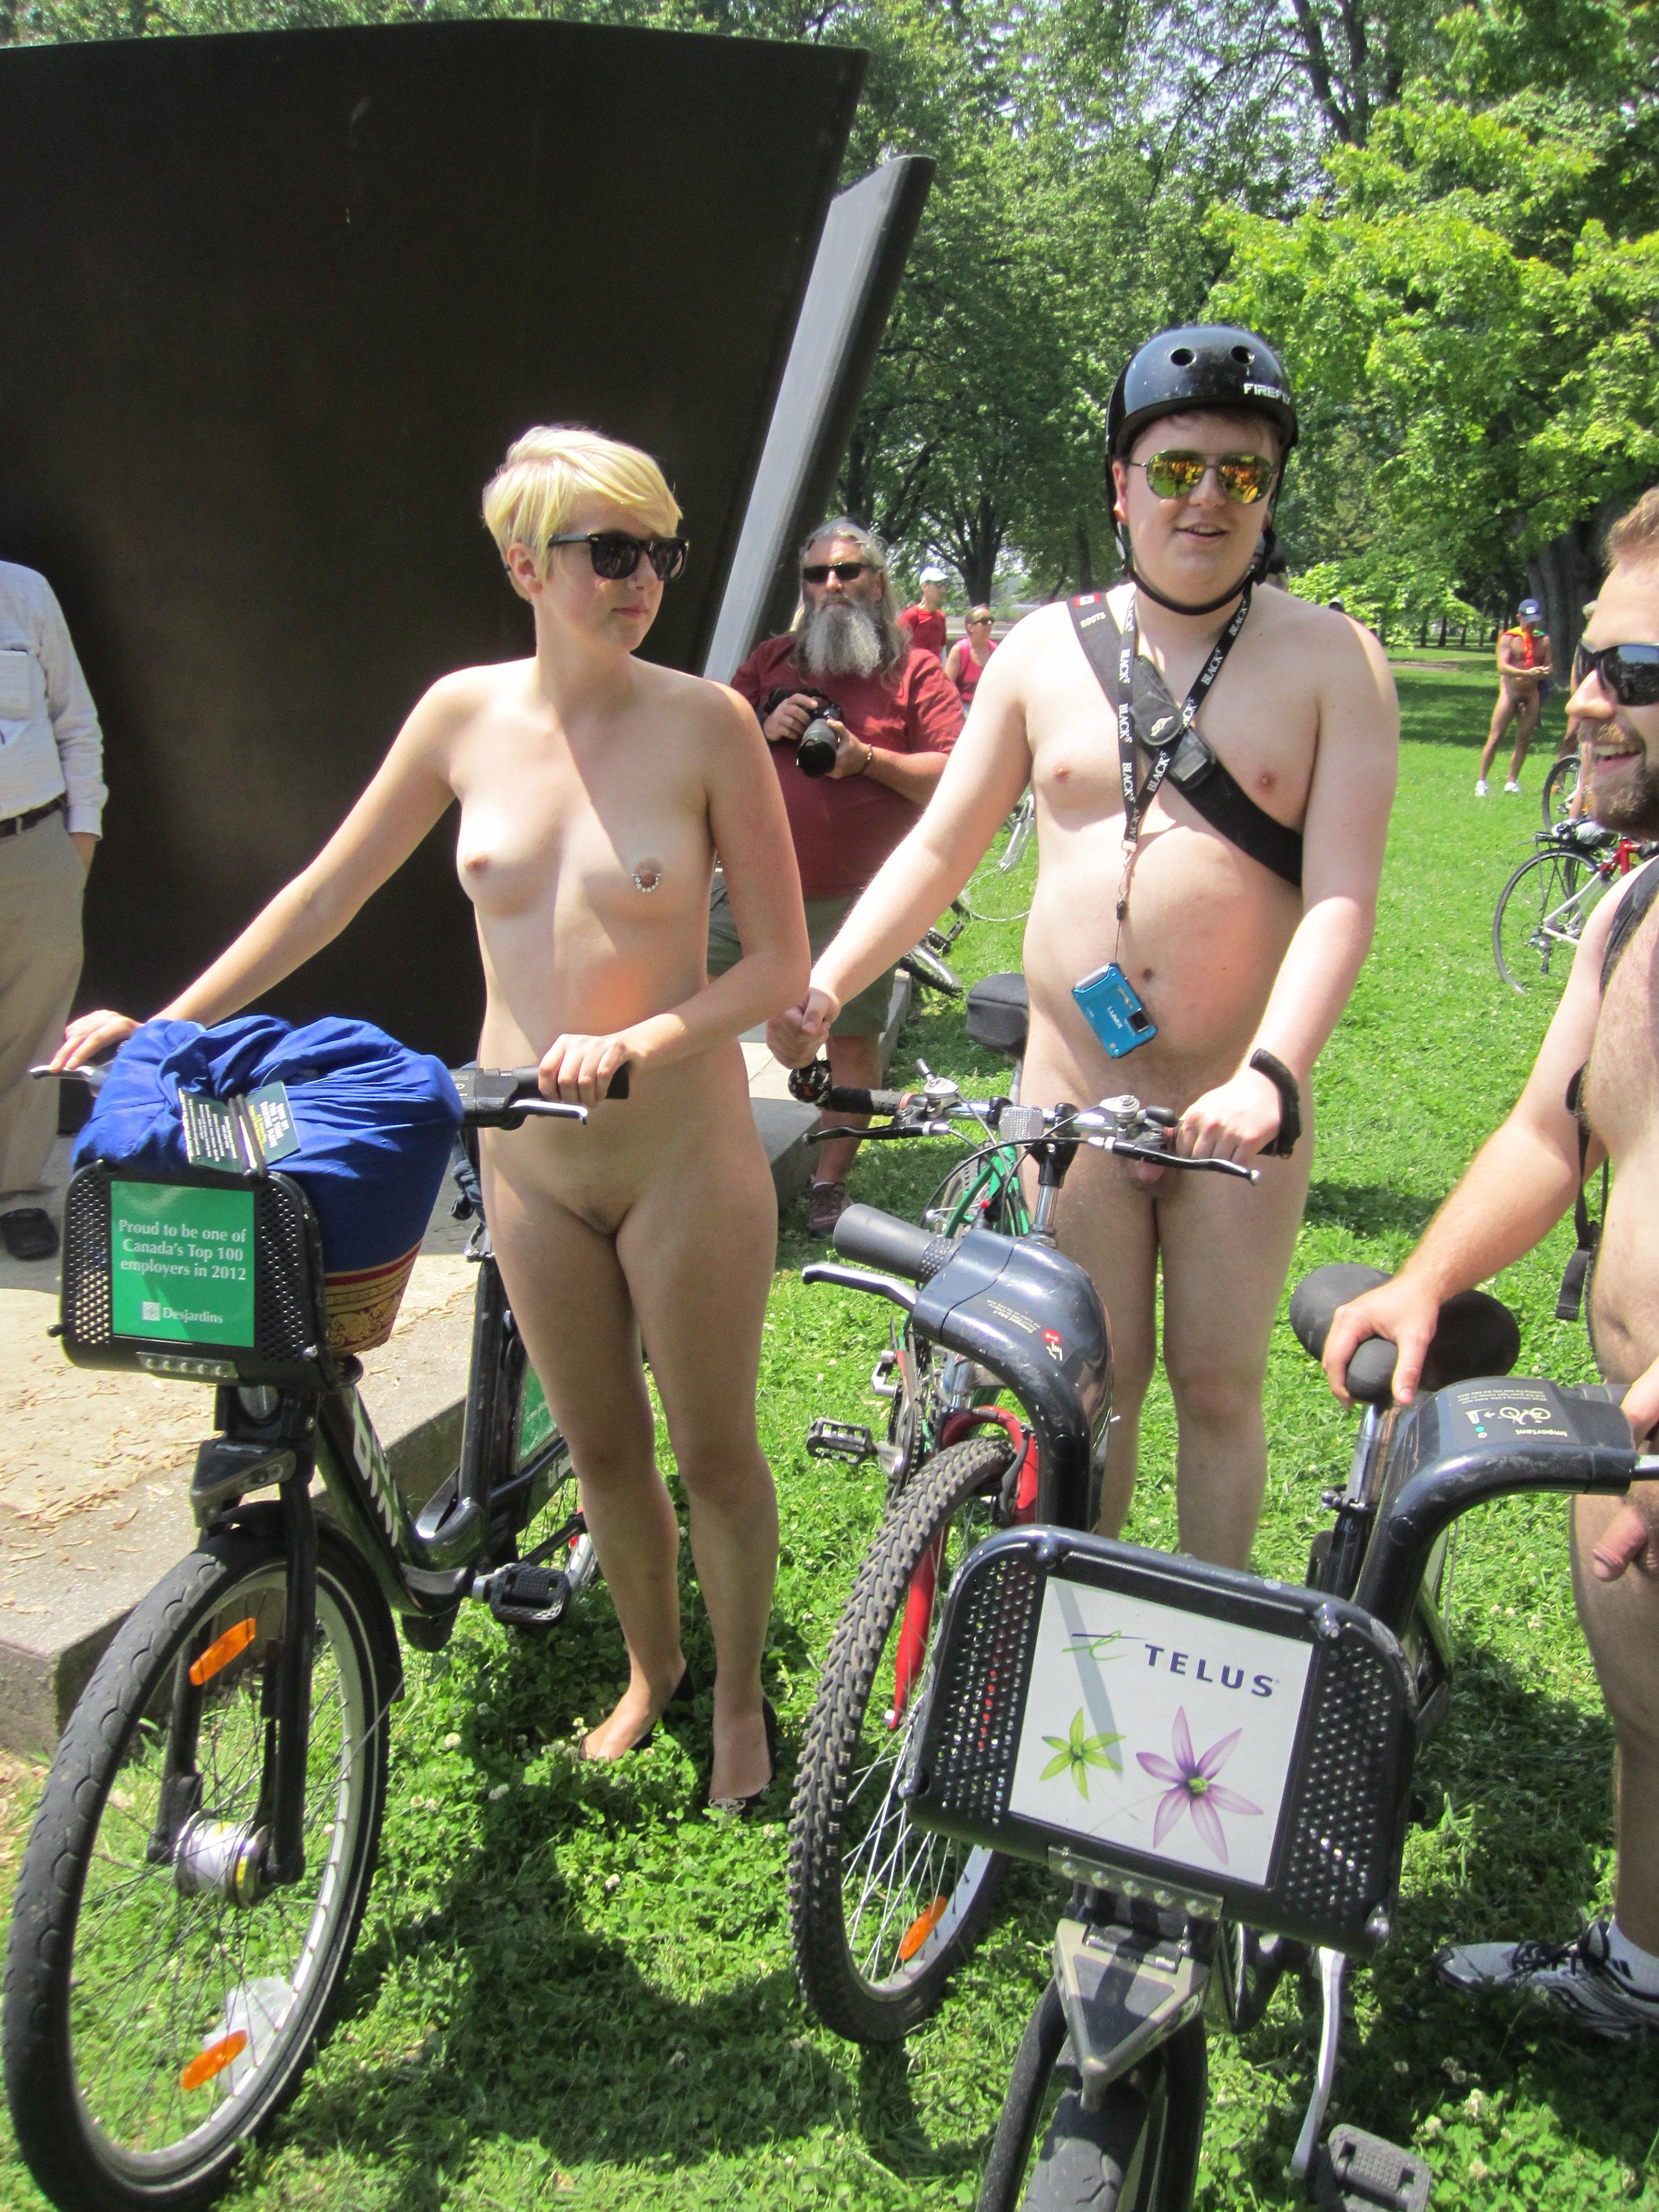 FKK mit Fahrrad - Bilder Foto und Video Gallery